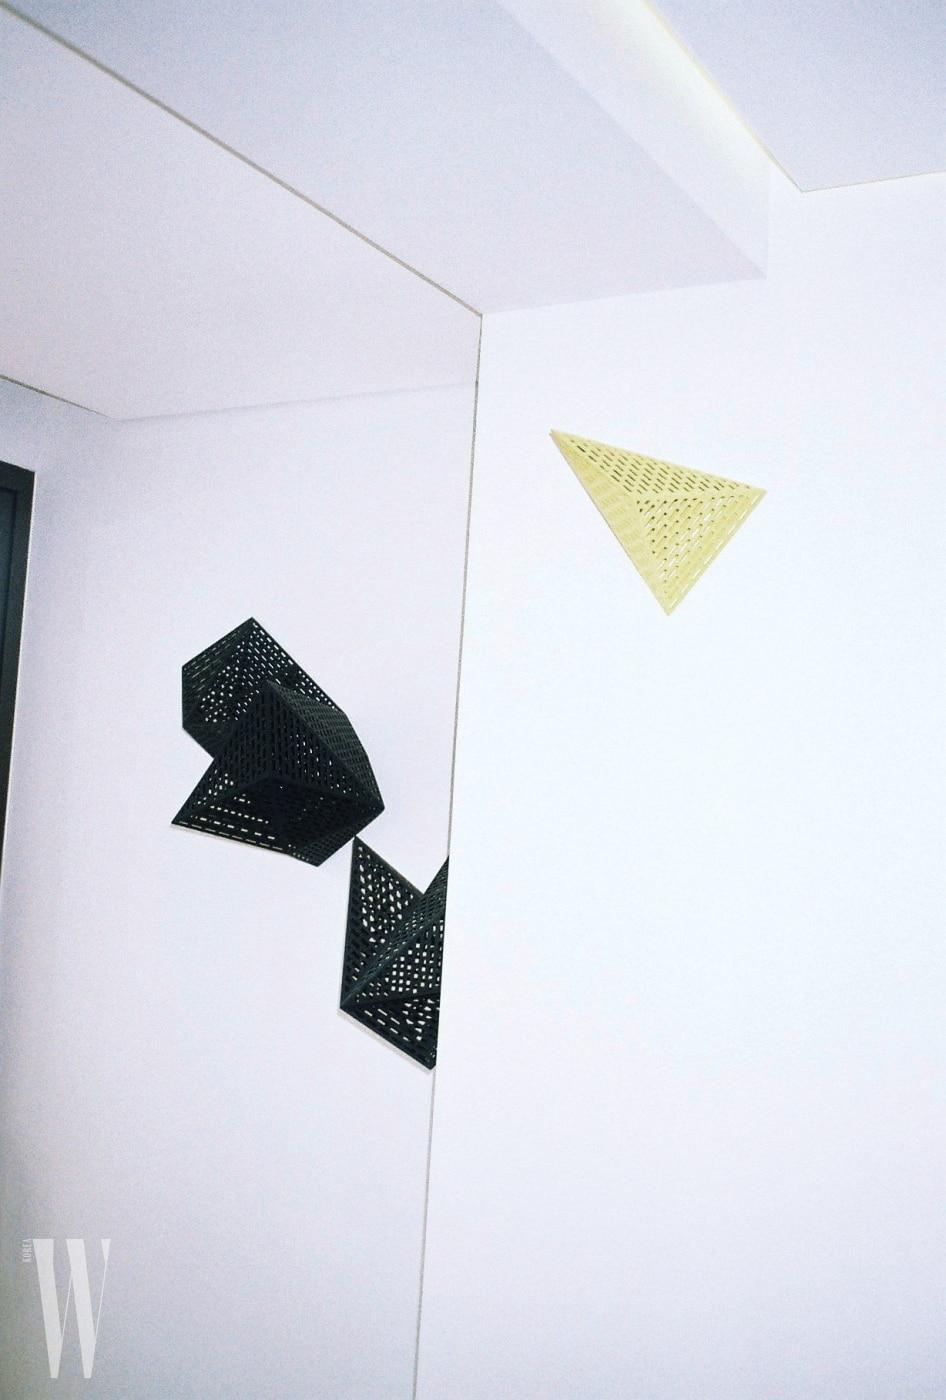 거실에서 포착한 친구 서혜영 작가의 작품.